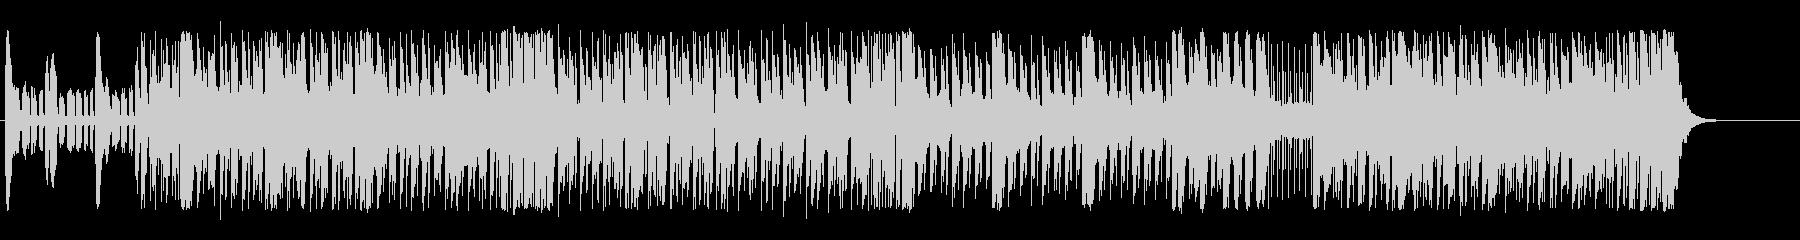 疾走感のあるエネルギッシュなテクノBGMの未再生の波形